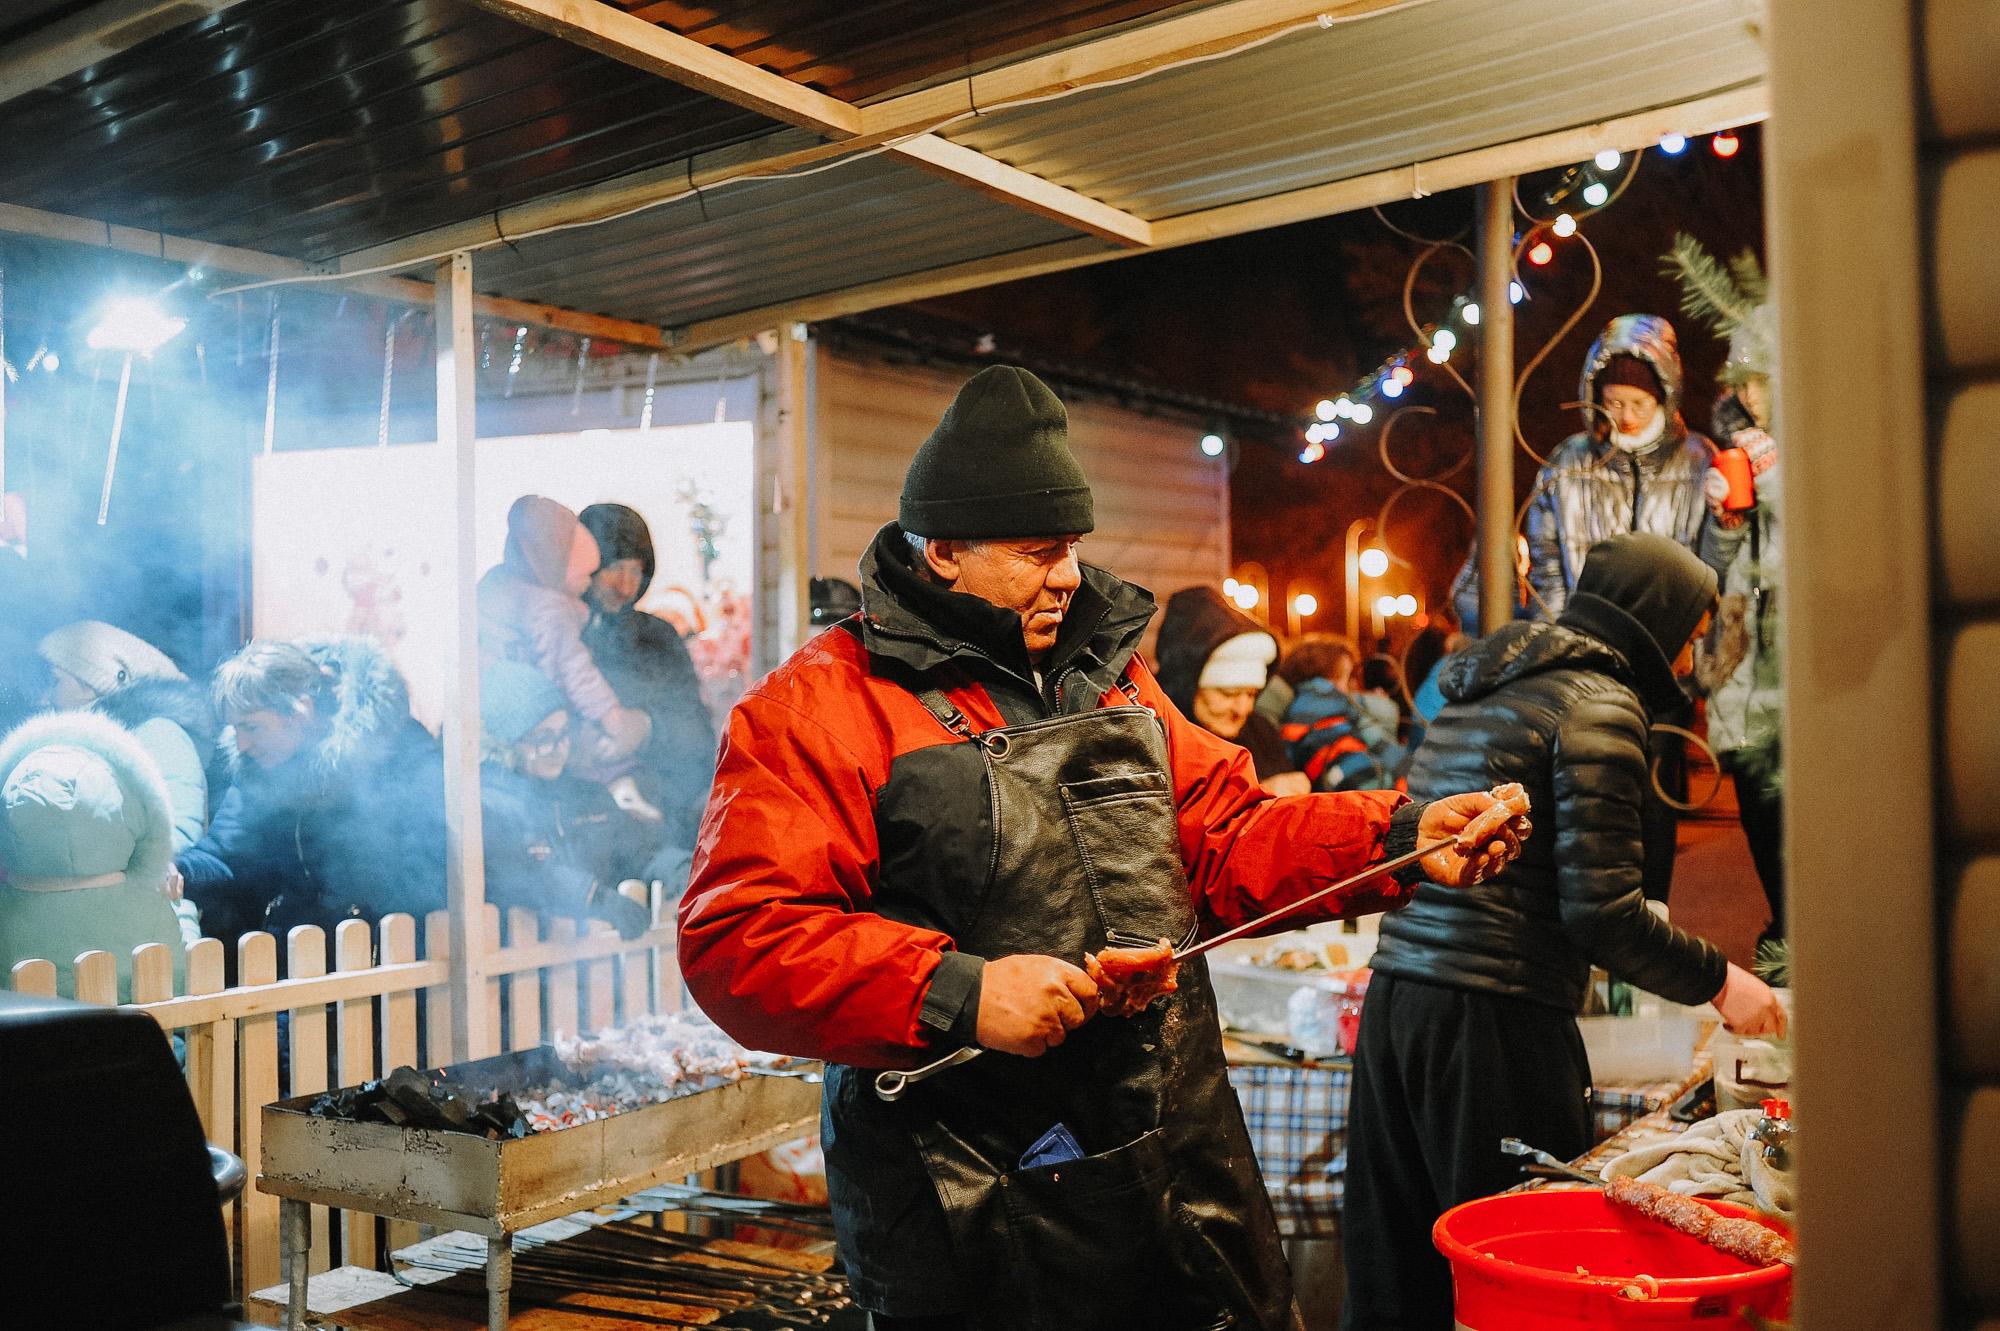 ZZZ 6934 В Астрахани на площади Ленина зажгли новогоднюю елку: кадры торжества